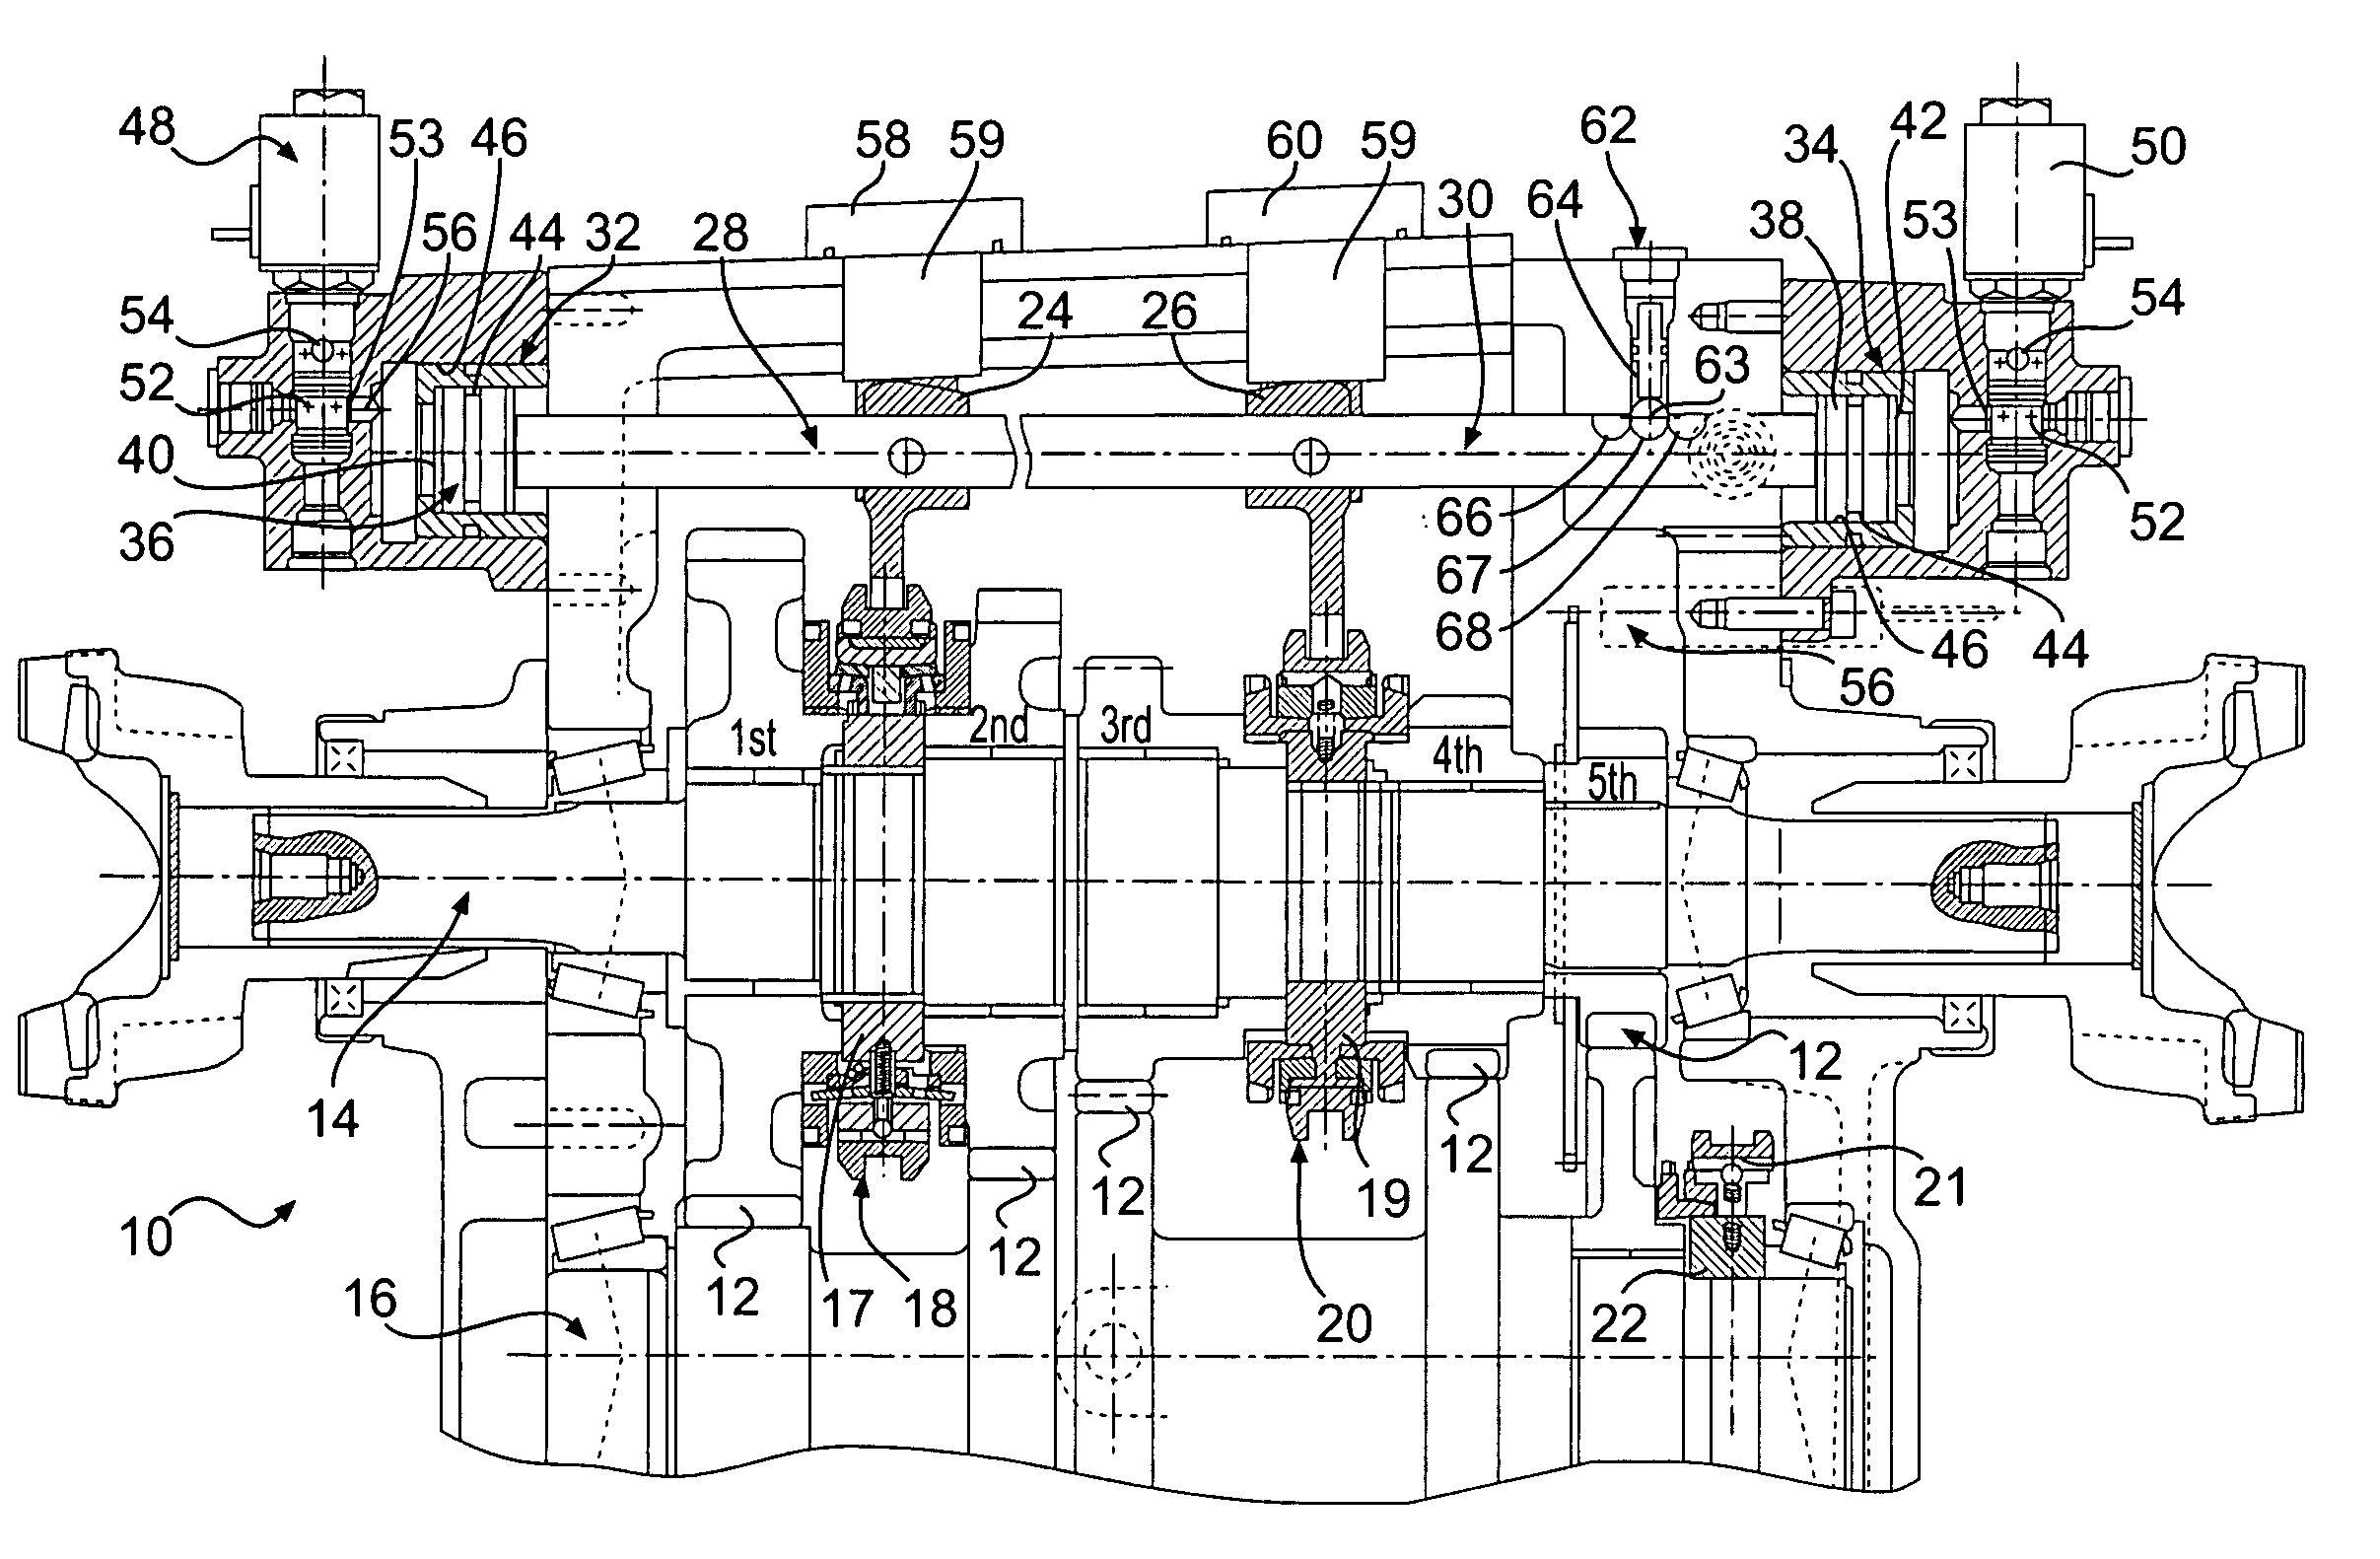 zf meritor transmission wiring diagram meritor free printable wiring diagrams